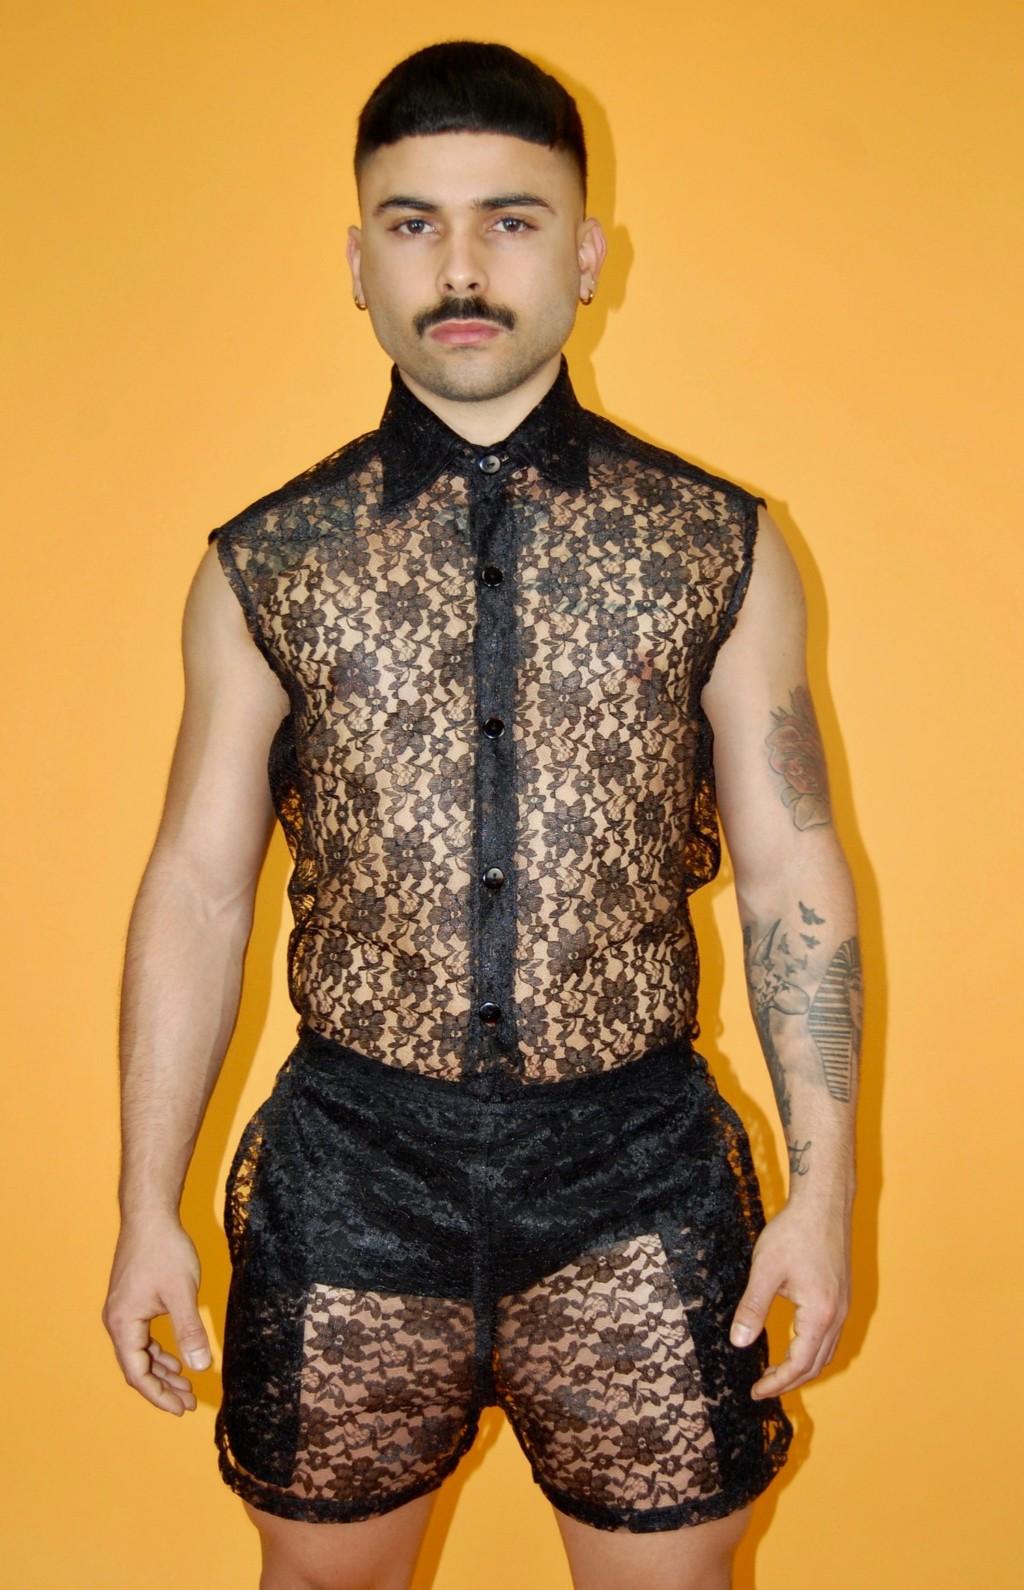 潮牌推「超適合夏天」的男人蕾絲裝 主打「涼感設計」網卻大驚:下面怎麽有三大包!